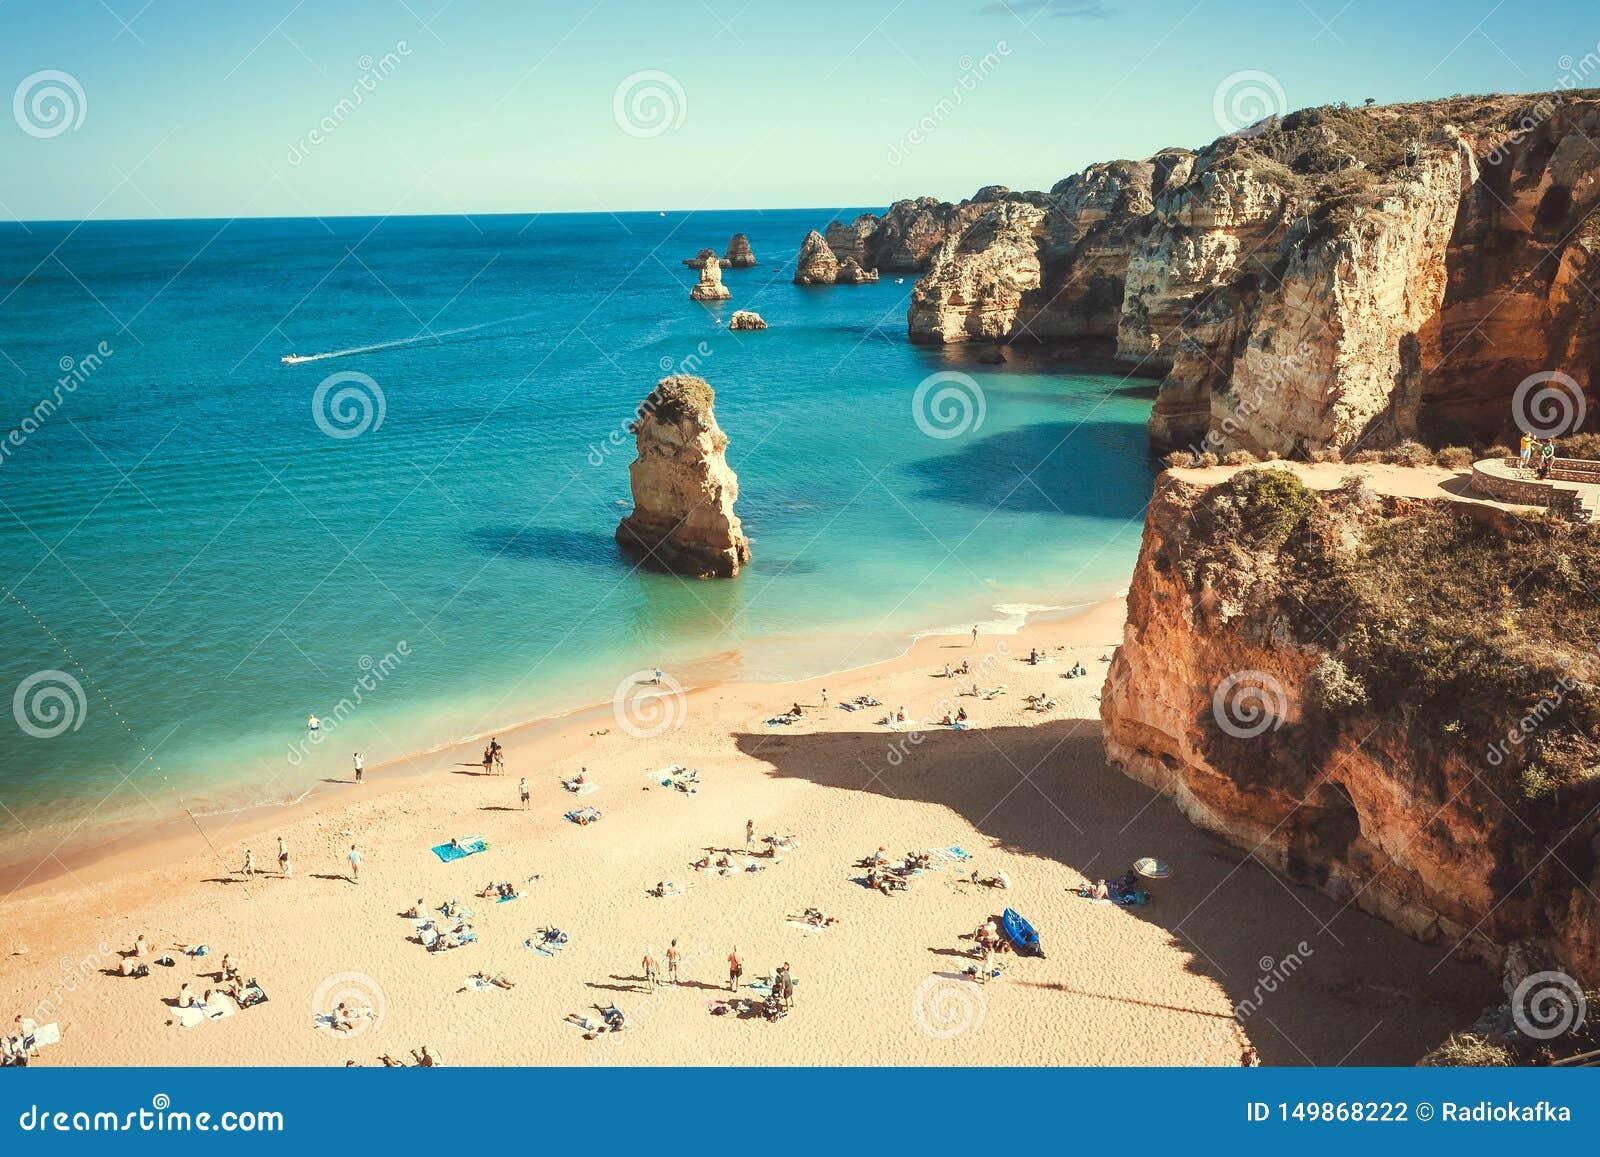 Türkisozean und Küste von Portugal Viele Leute auf sonnigem Strand und ruhigem Wasser am schönen Tag von Lagos